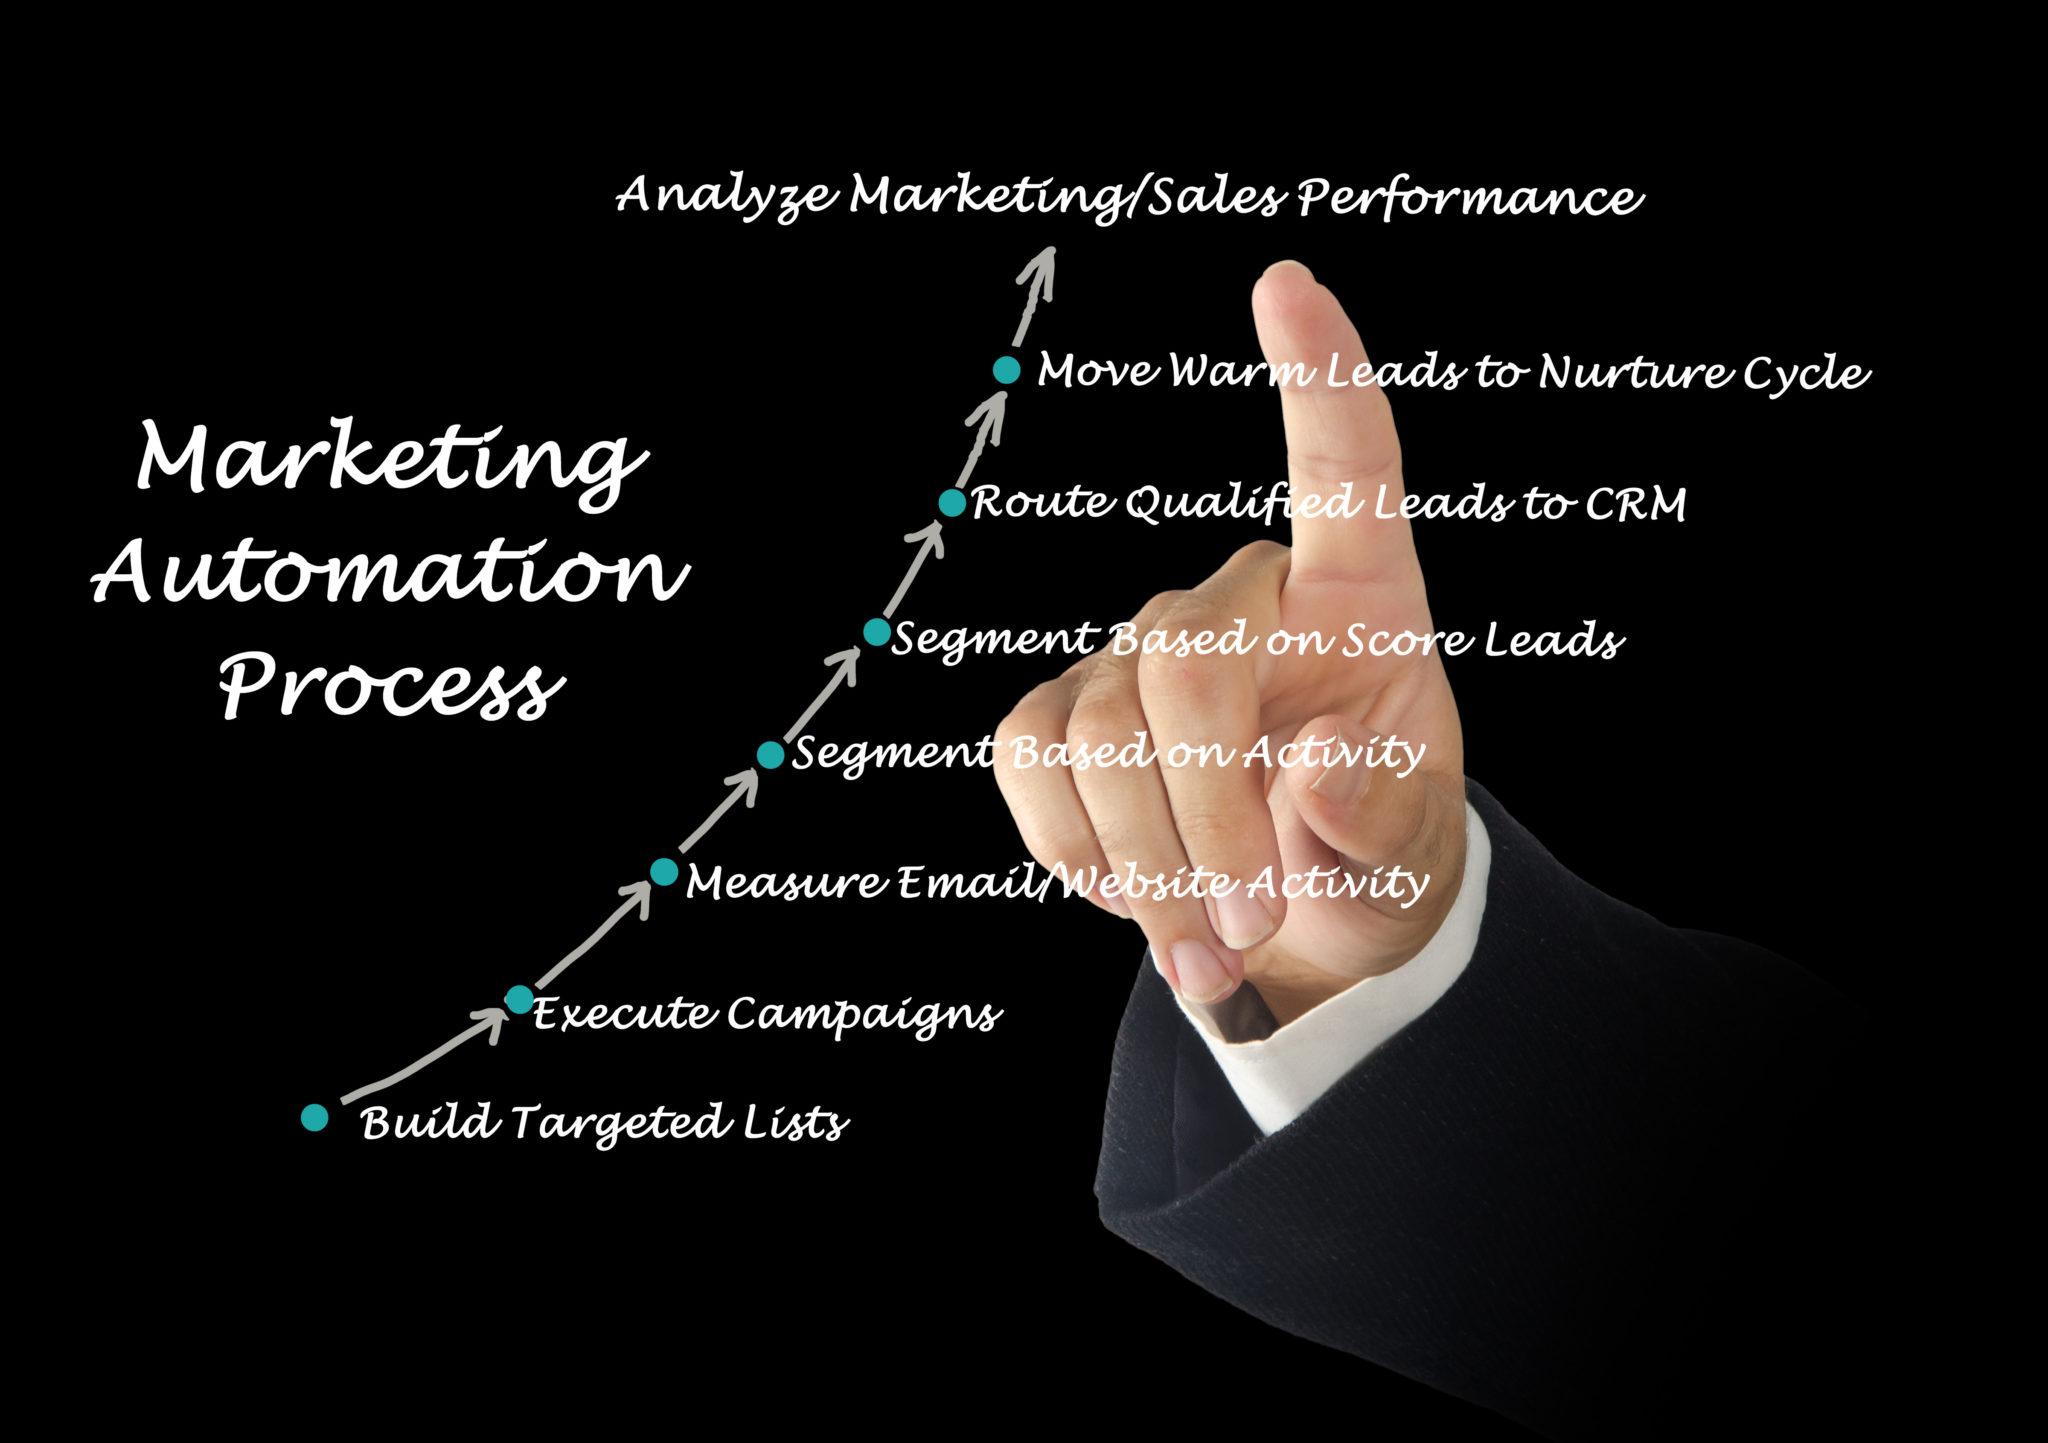 Marketing automation process